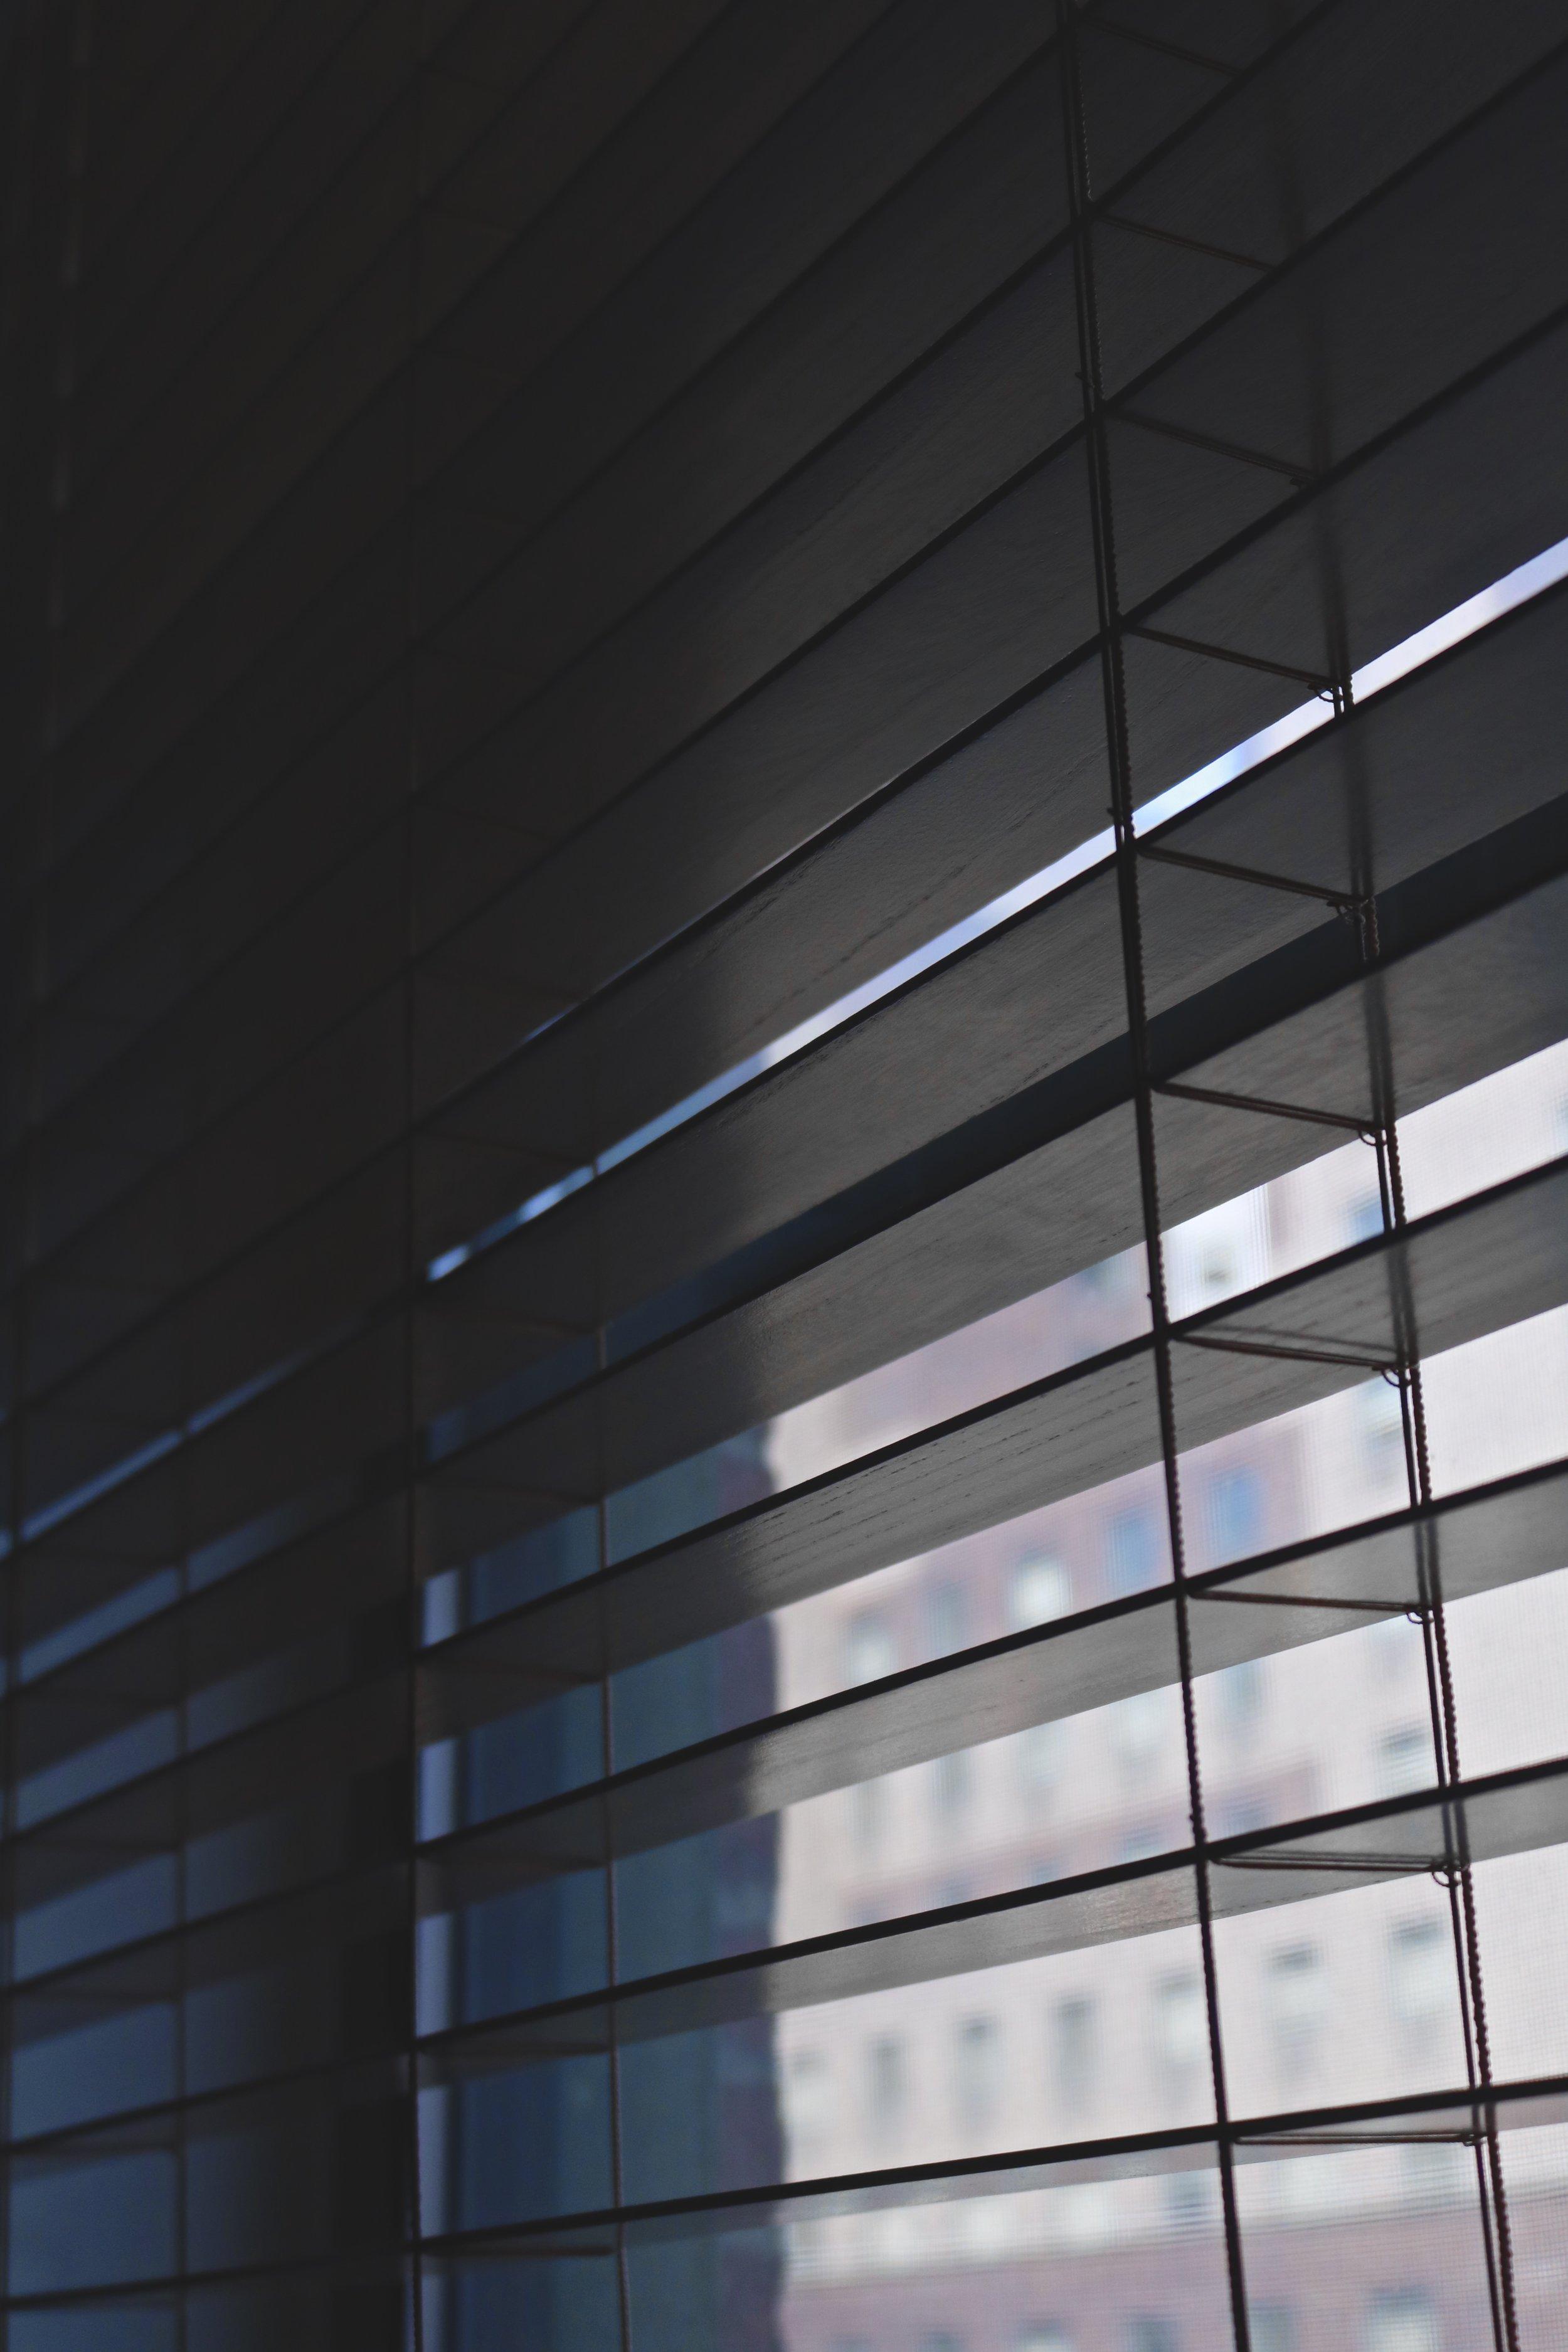 window_shade.jpeg